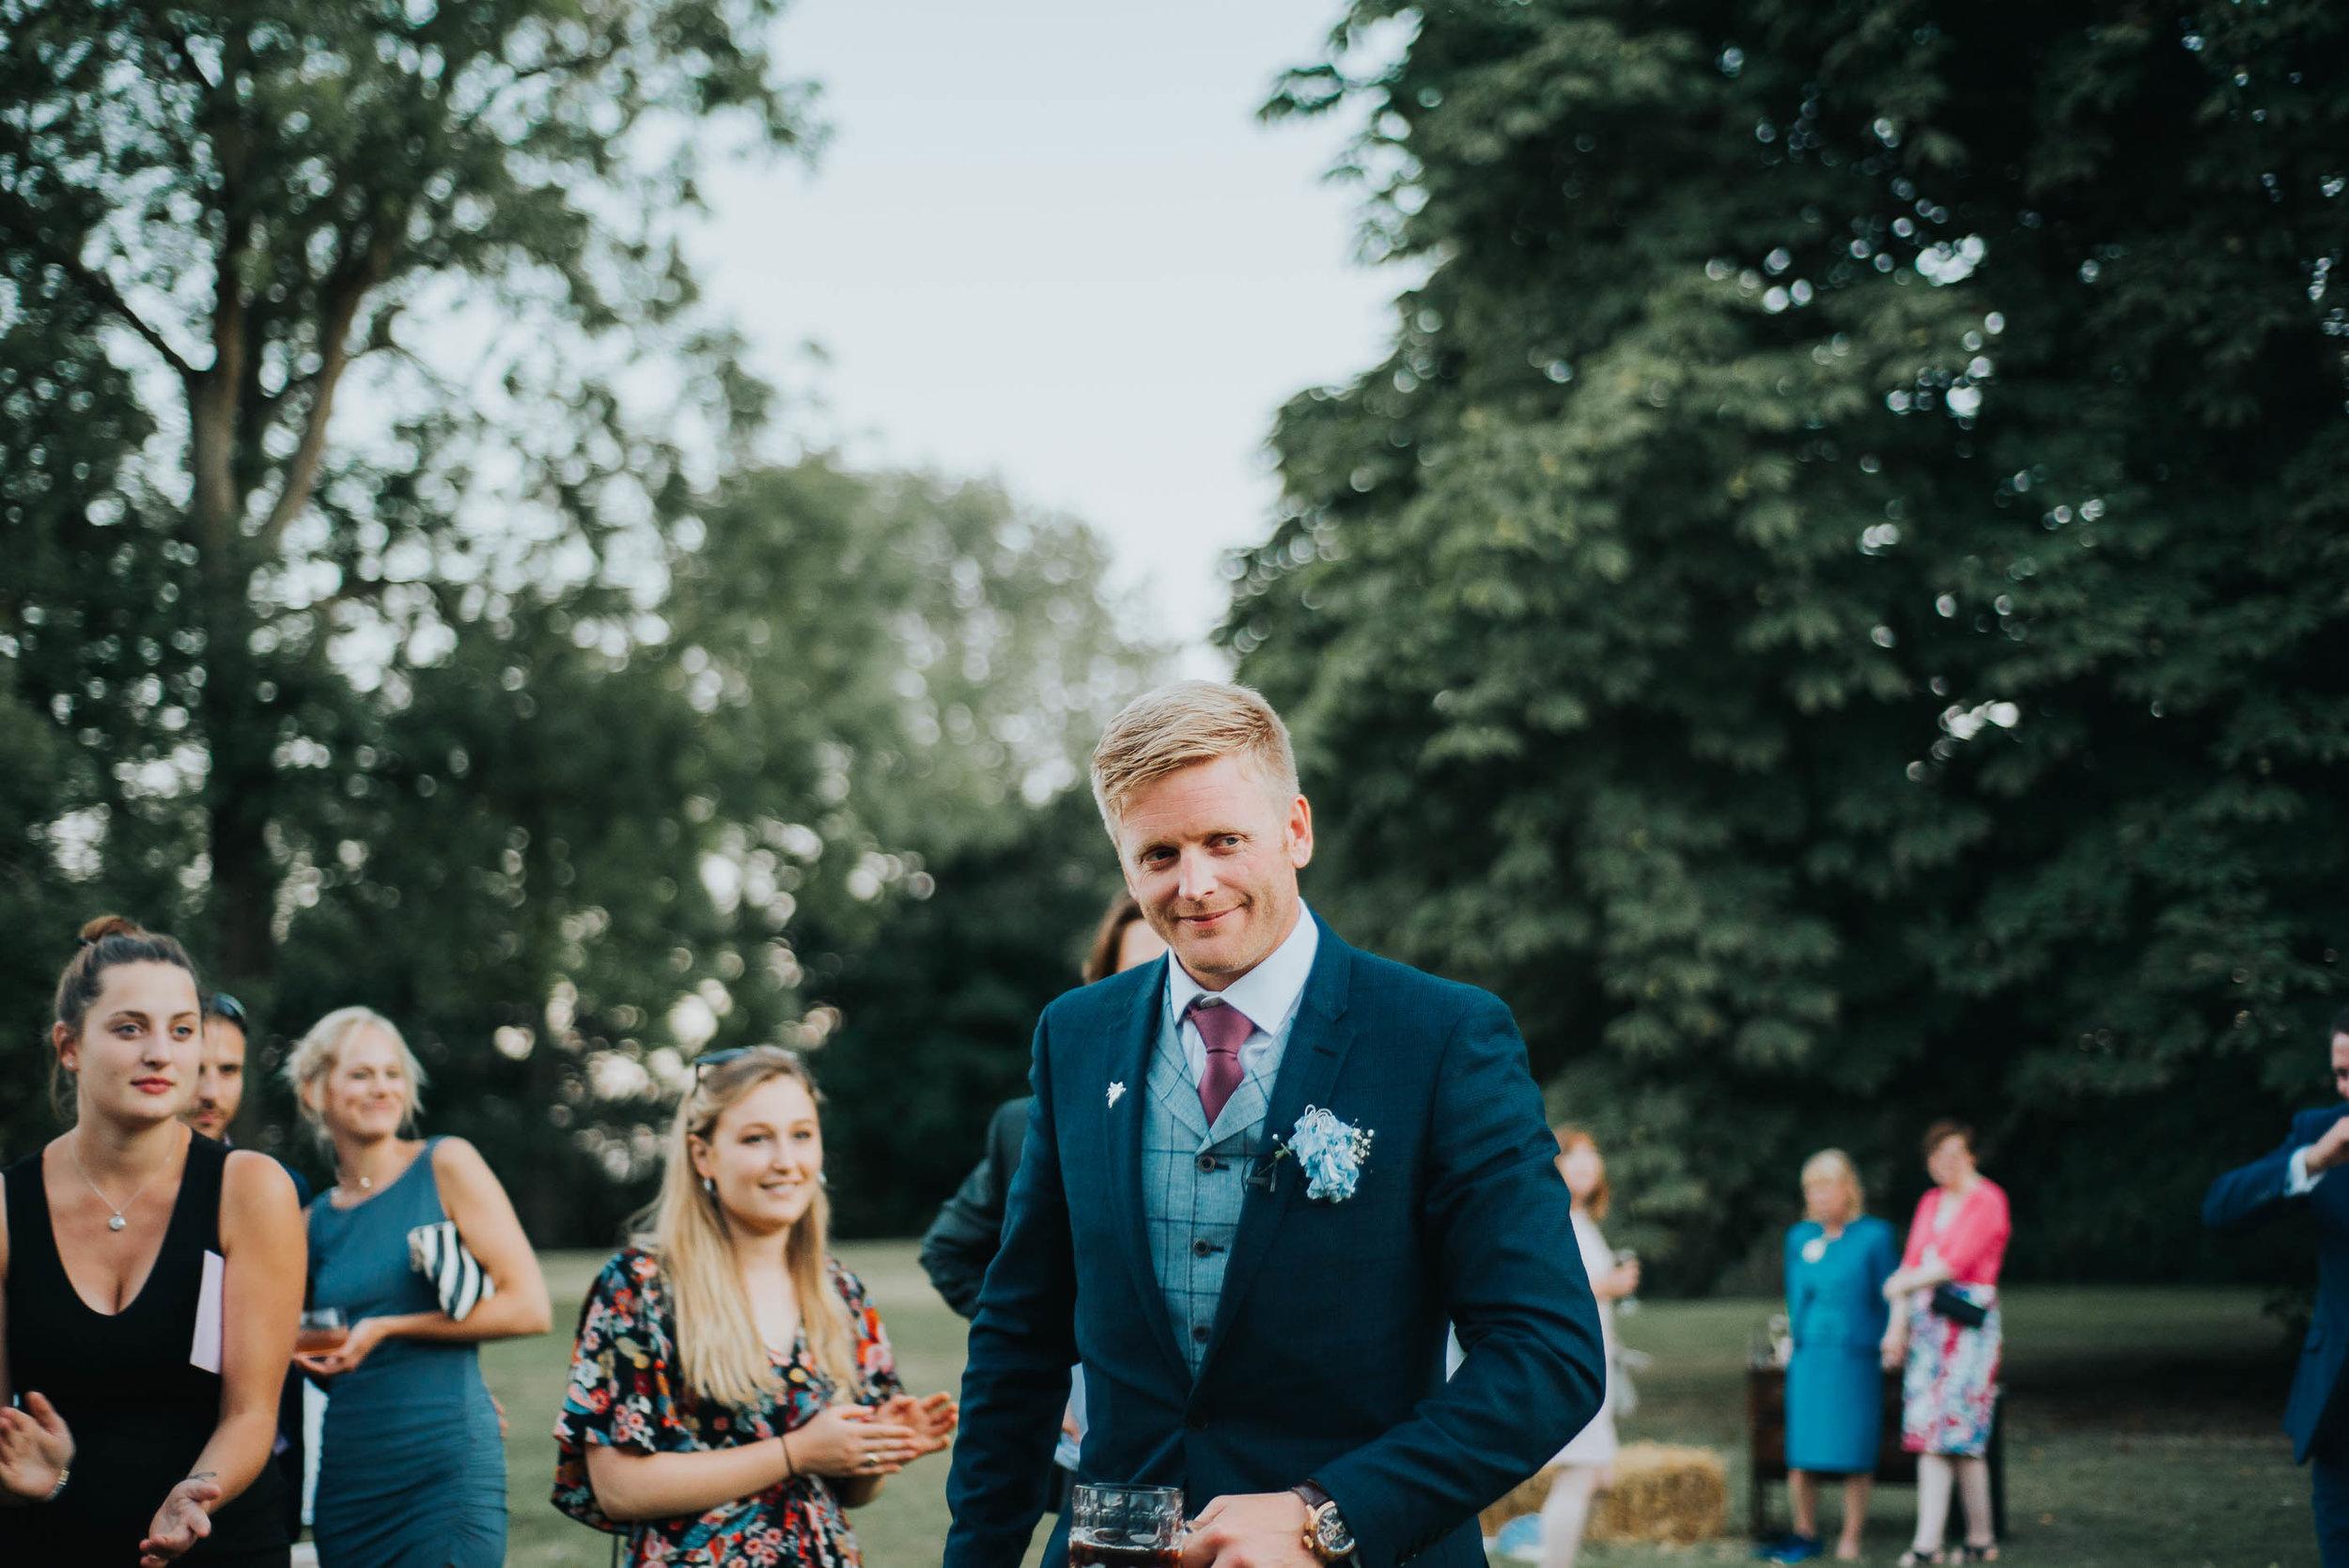 Creative Unique Wedding Photographer Essex Suffolk UK Wedding Photographer www.purplepeartreephotography.com (951).JPG